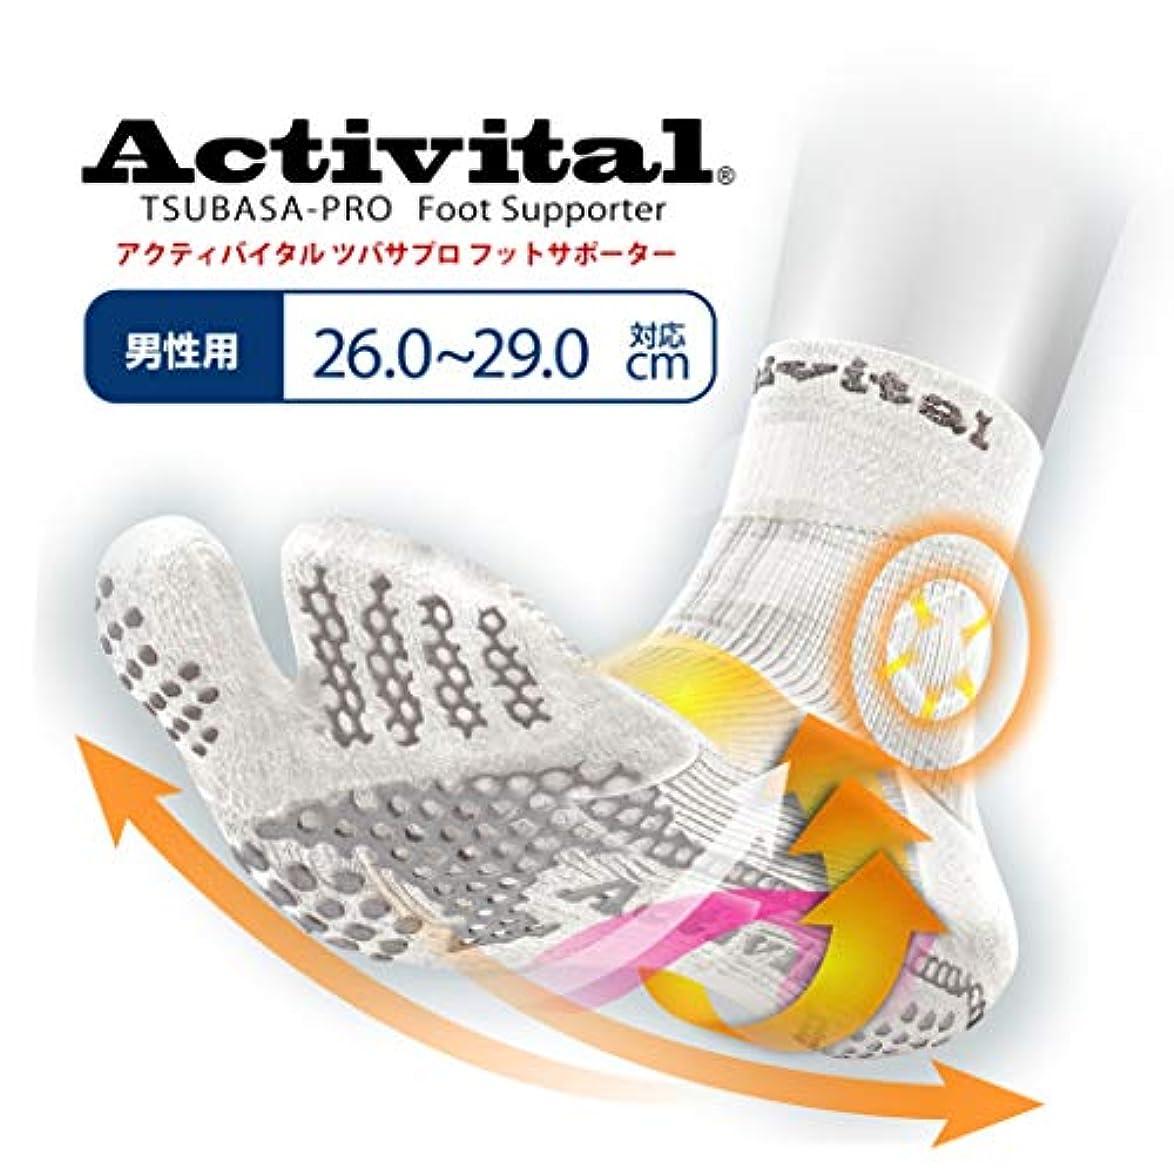 ヒステリック啓発する謝罪Activital アクティバイタル フットサポーター ホワイト L-LL 26.0~29.0cm